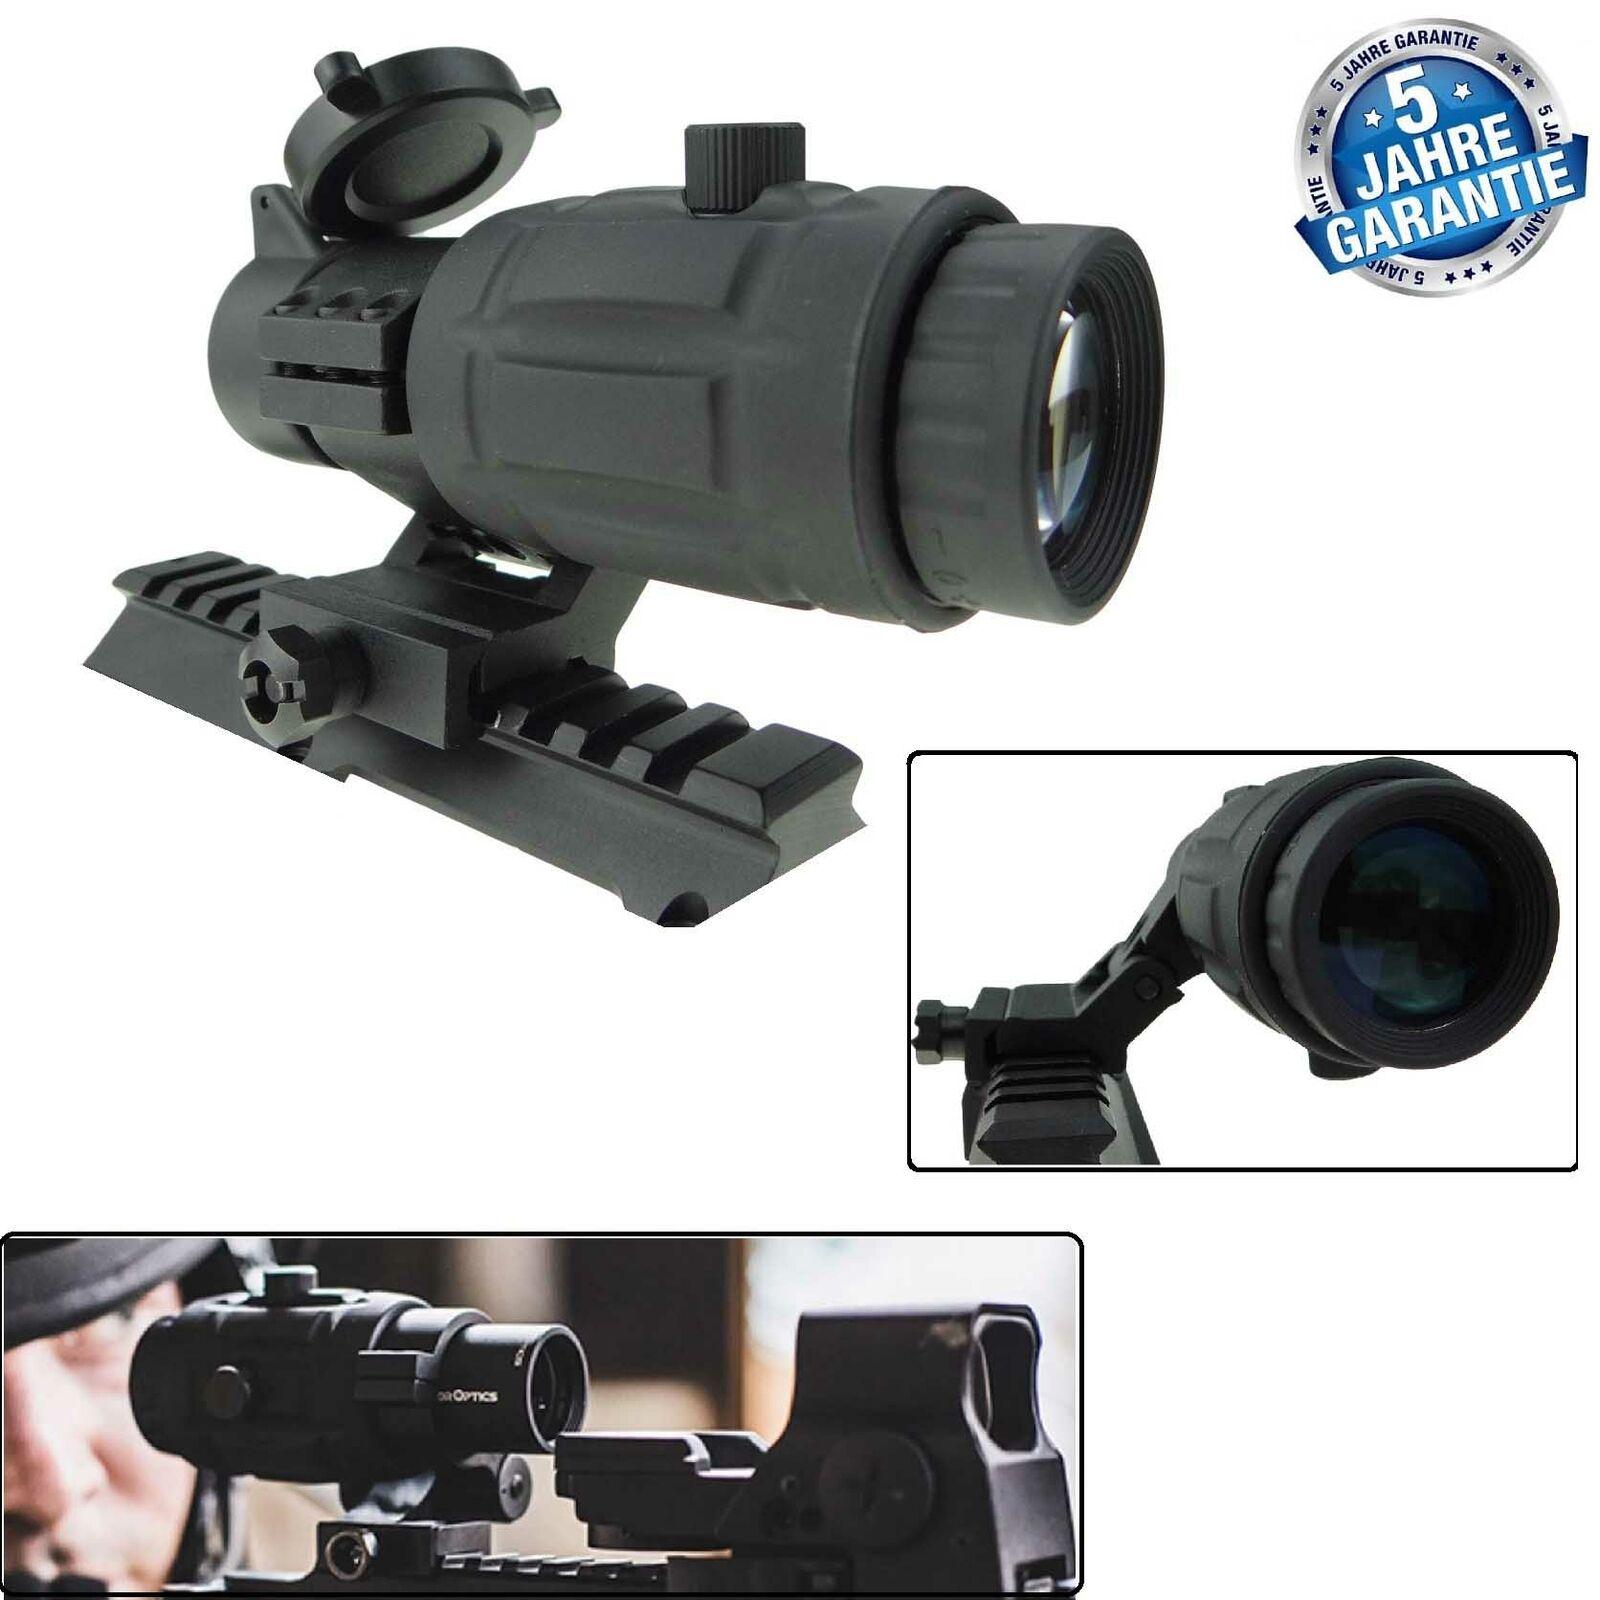 5 veces Magnifier agrandamiento módulo para reflex visera o rojo-Dot vector Optics